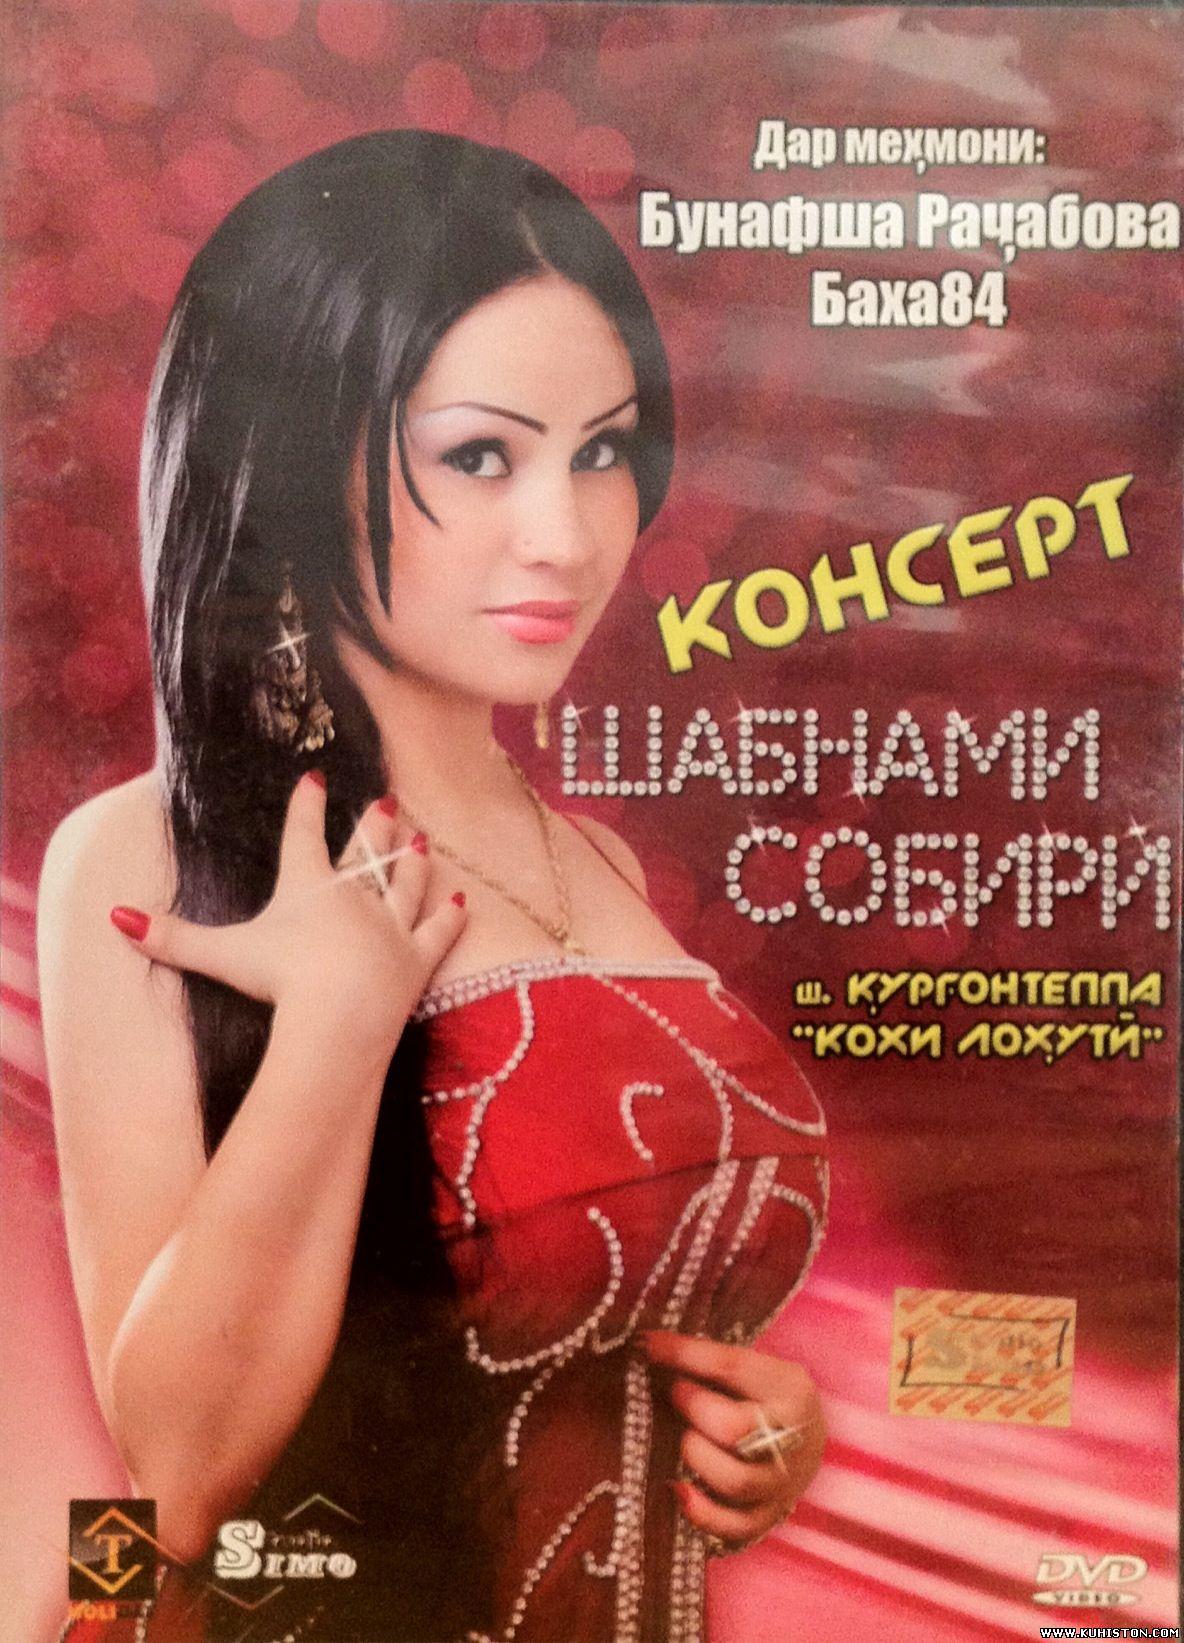 Музыка любви (2004) Порно фильмы и видео бесплатно